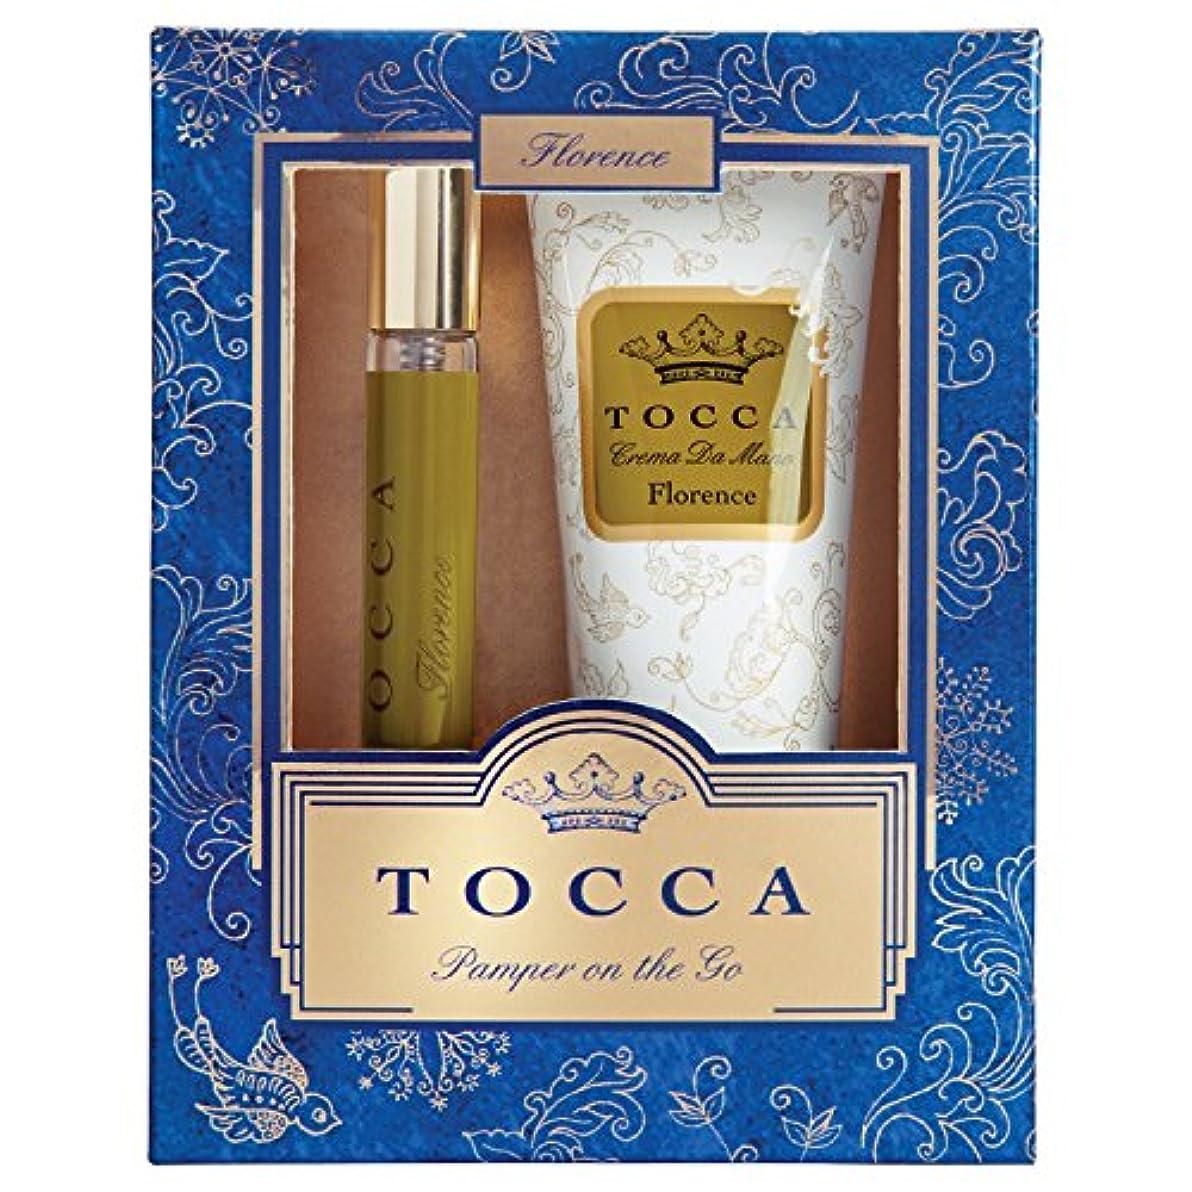 オークランド岸加速するトッカ(TOCCA) トラベルパンパーセットギルディッド フローレンスの香り (ハンドクリーム&香水、限定コフレ)